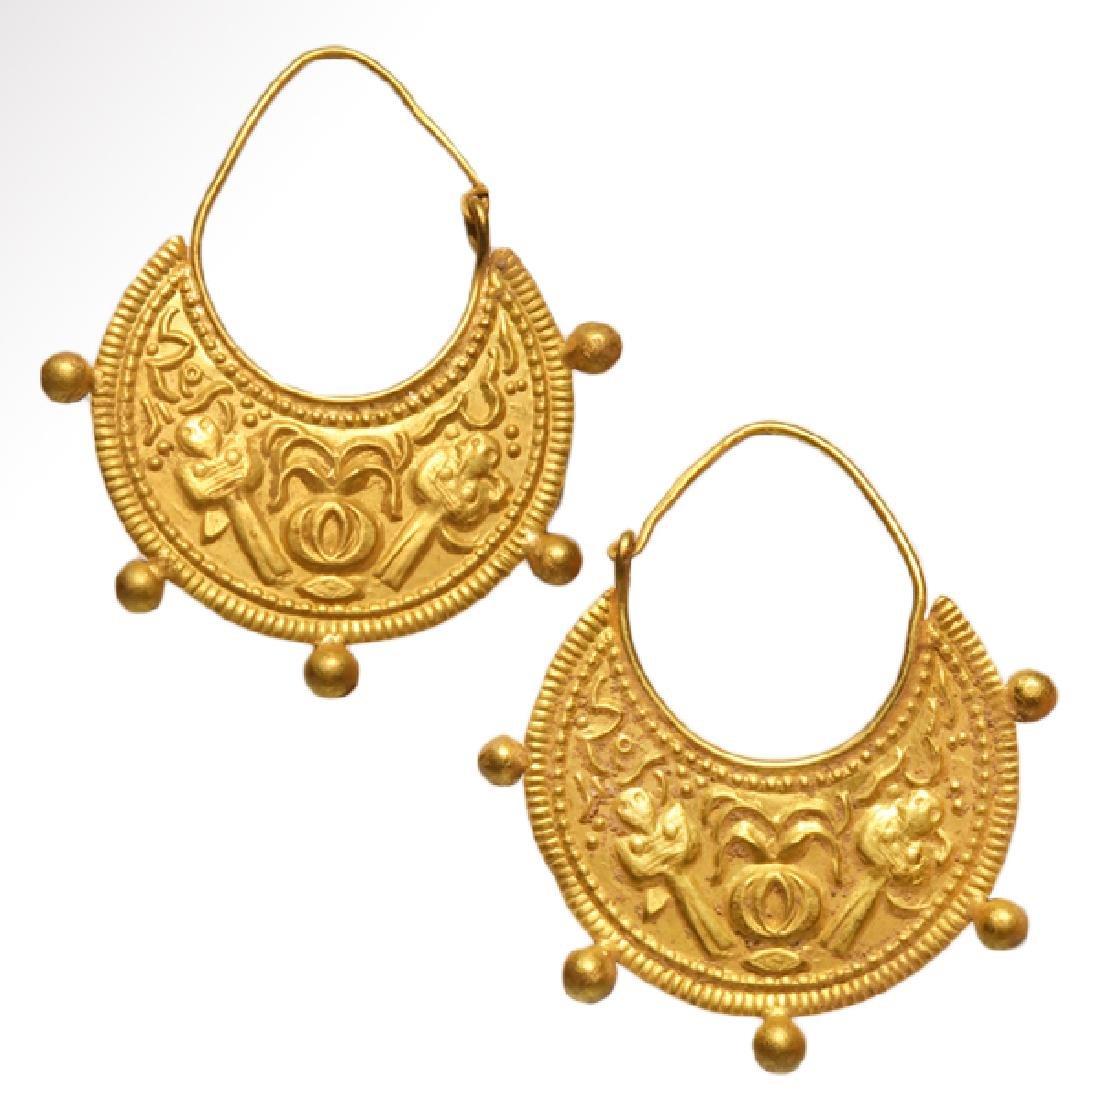 Roman / Early Byzantine Gold Earrings